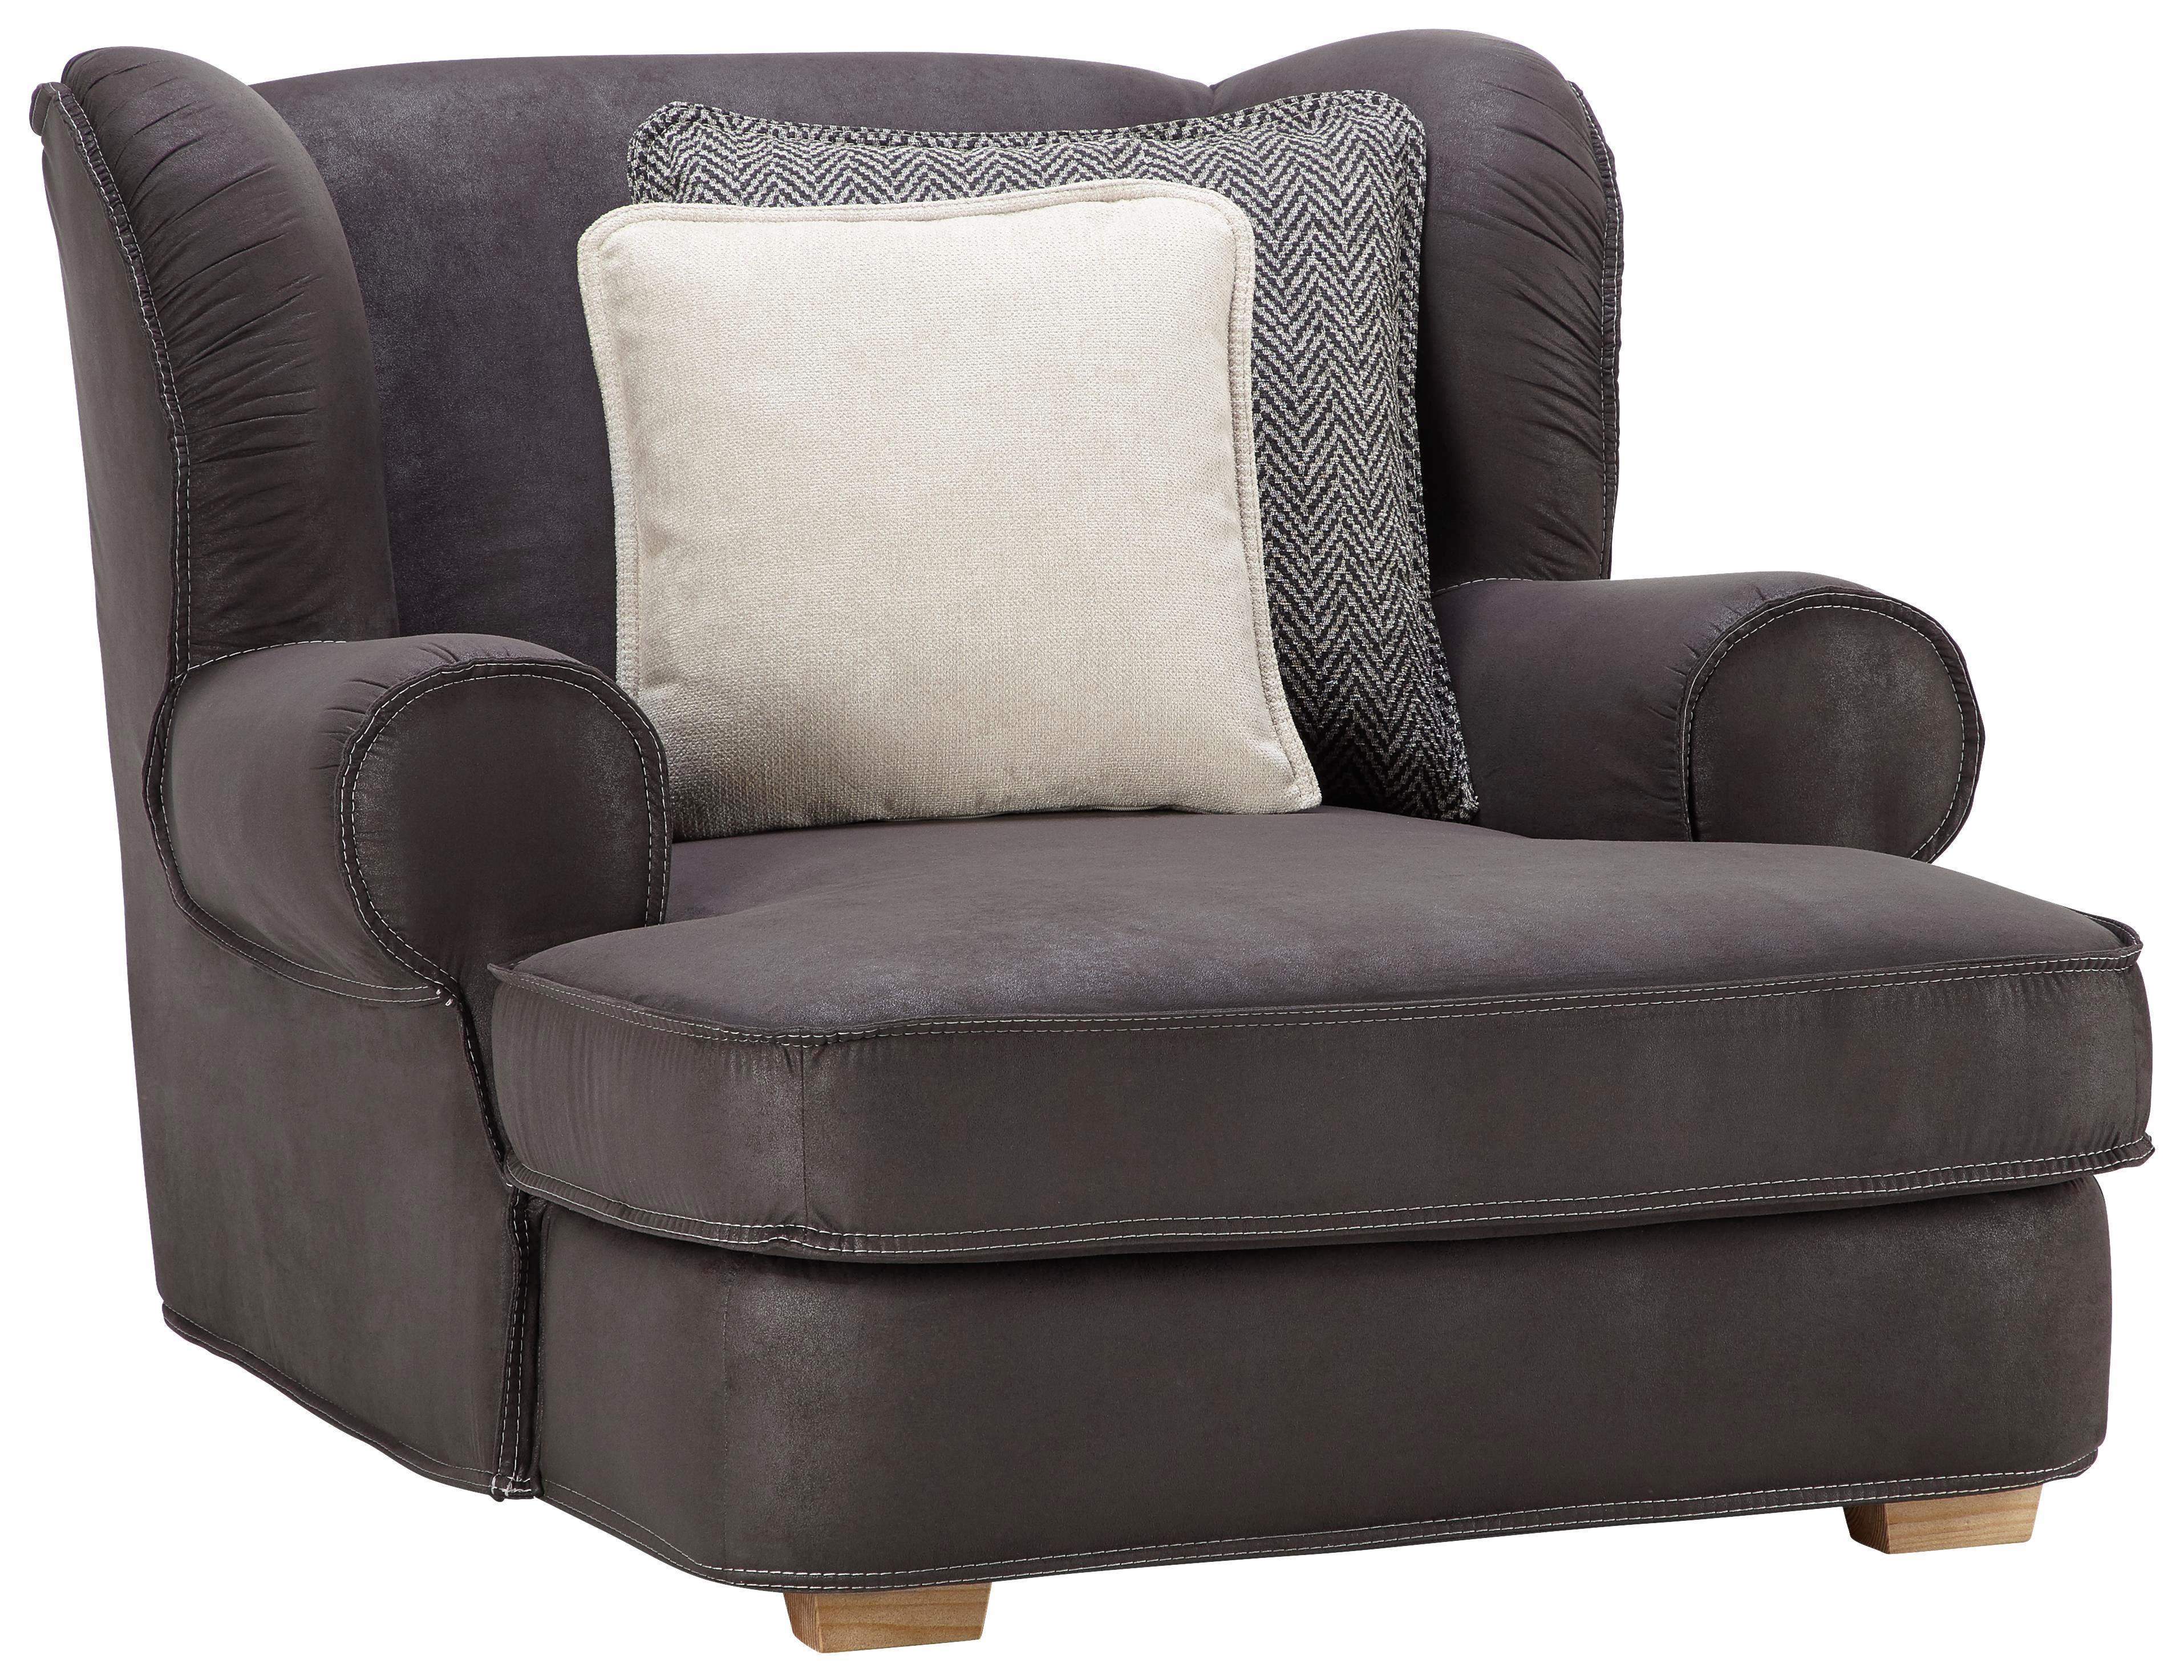 sessel kaufen finest bold design sessel g nstig aus holz chef gebraucht kaufen verkaufen with. Black Bedroom Furniture Sets. Home Design Ideas